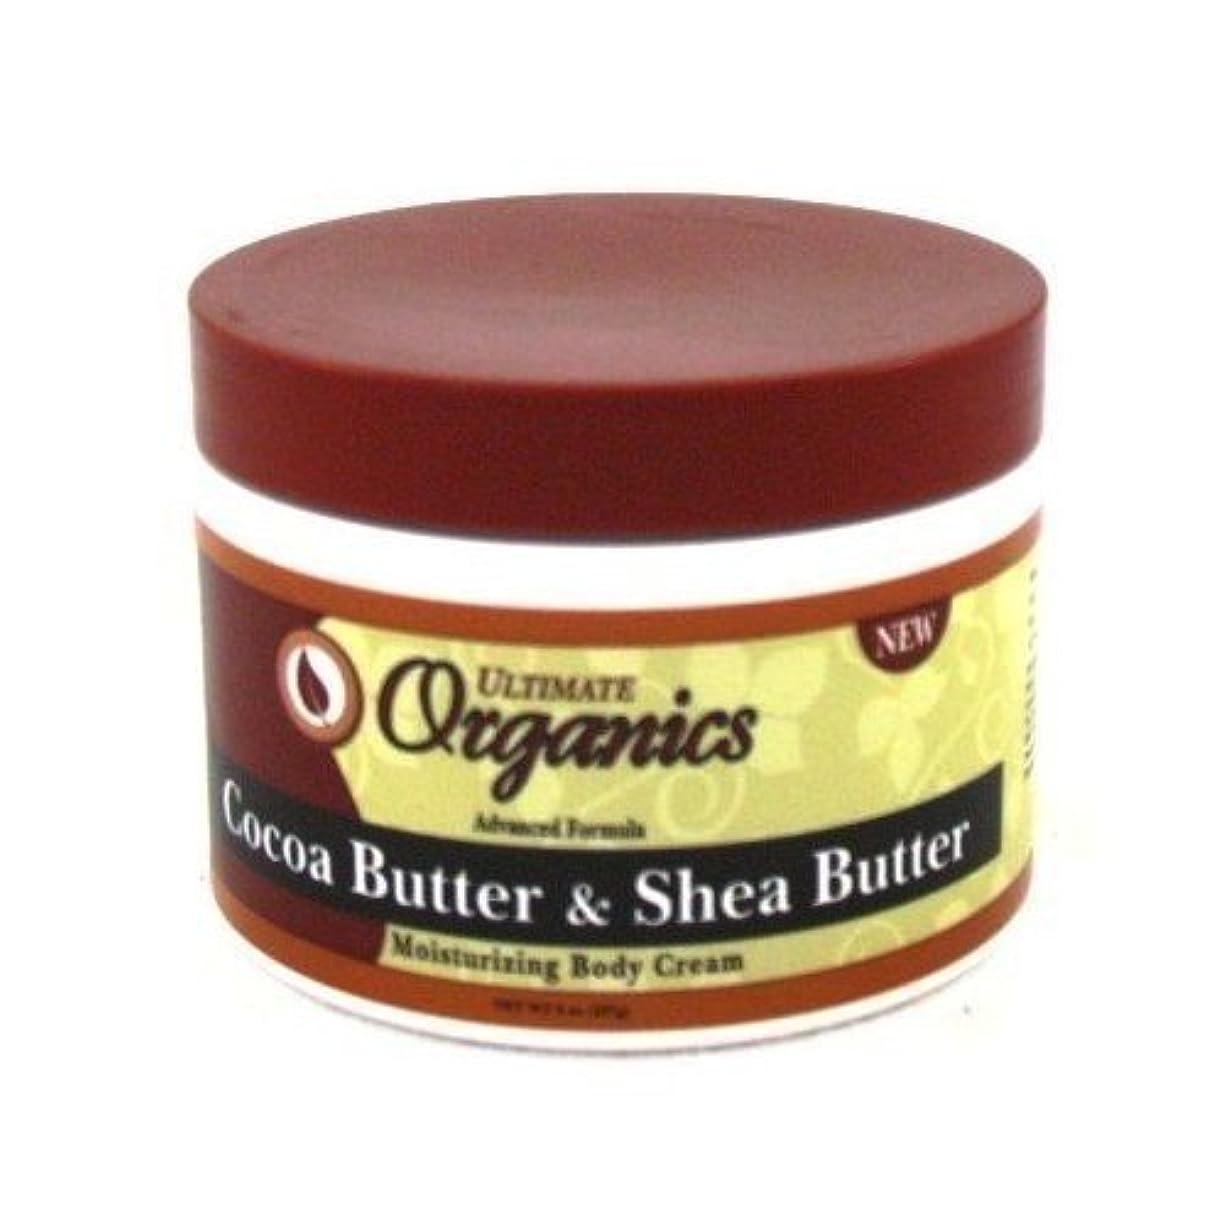 クローゼットトイレ路地Ultimate Organics Cocoa Butter & Shea Butter Body Cream 235 ml (並行輸入品)